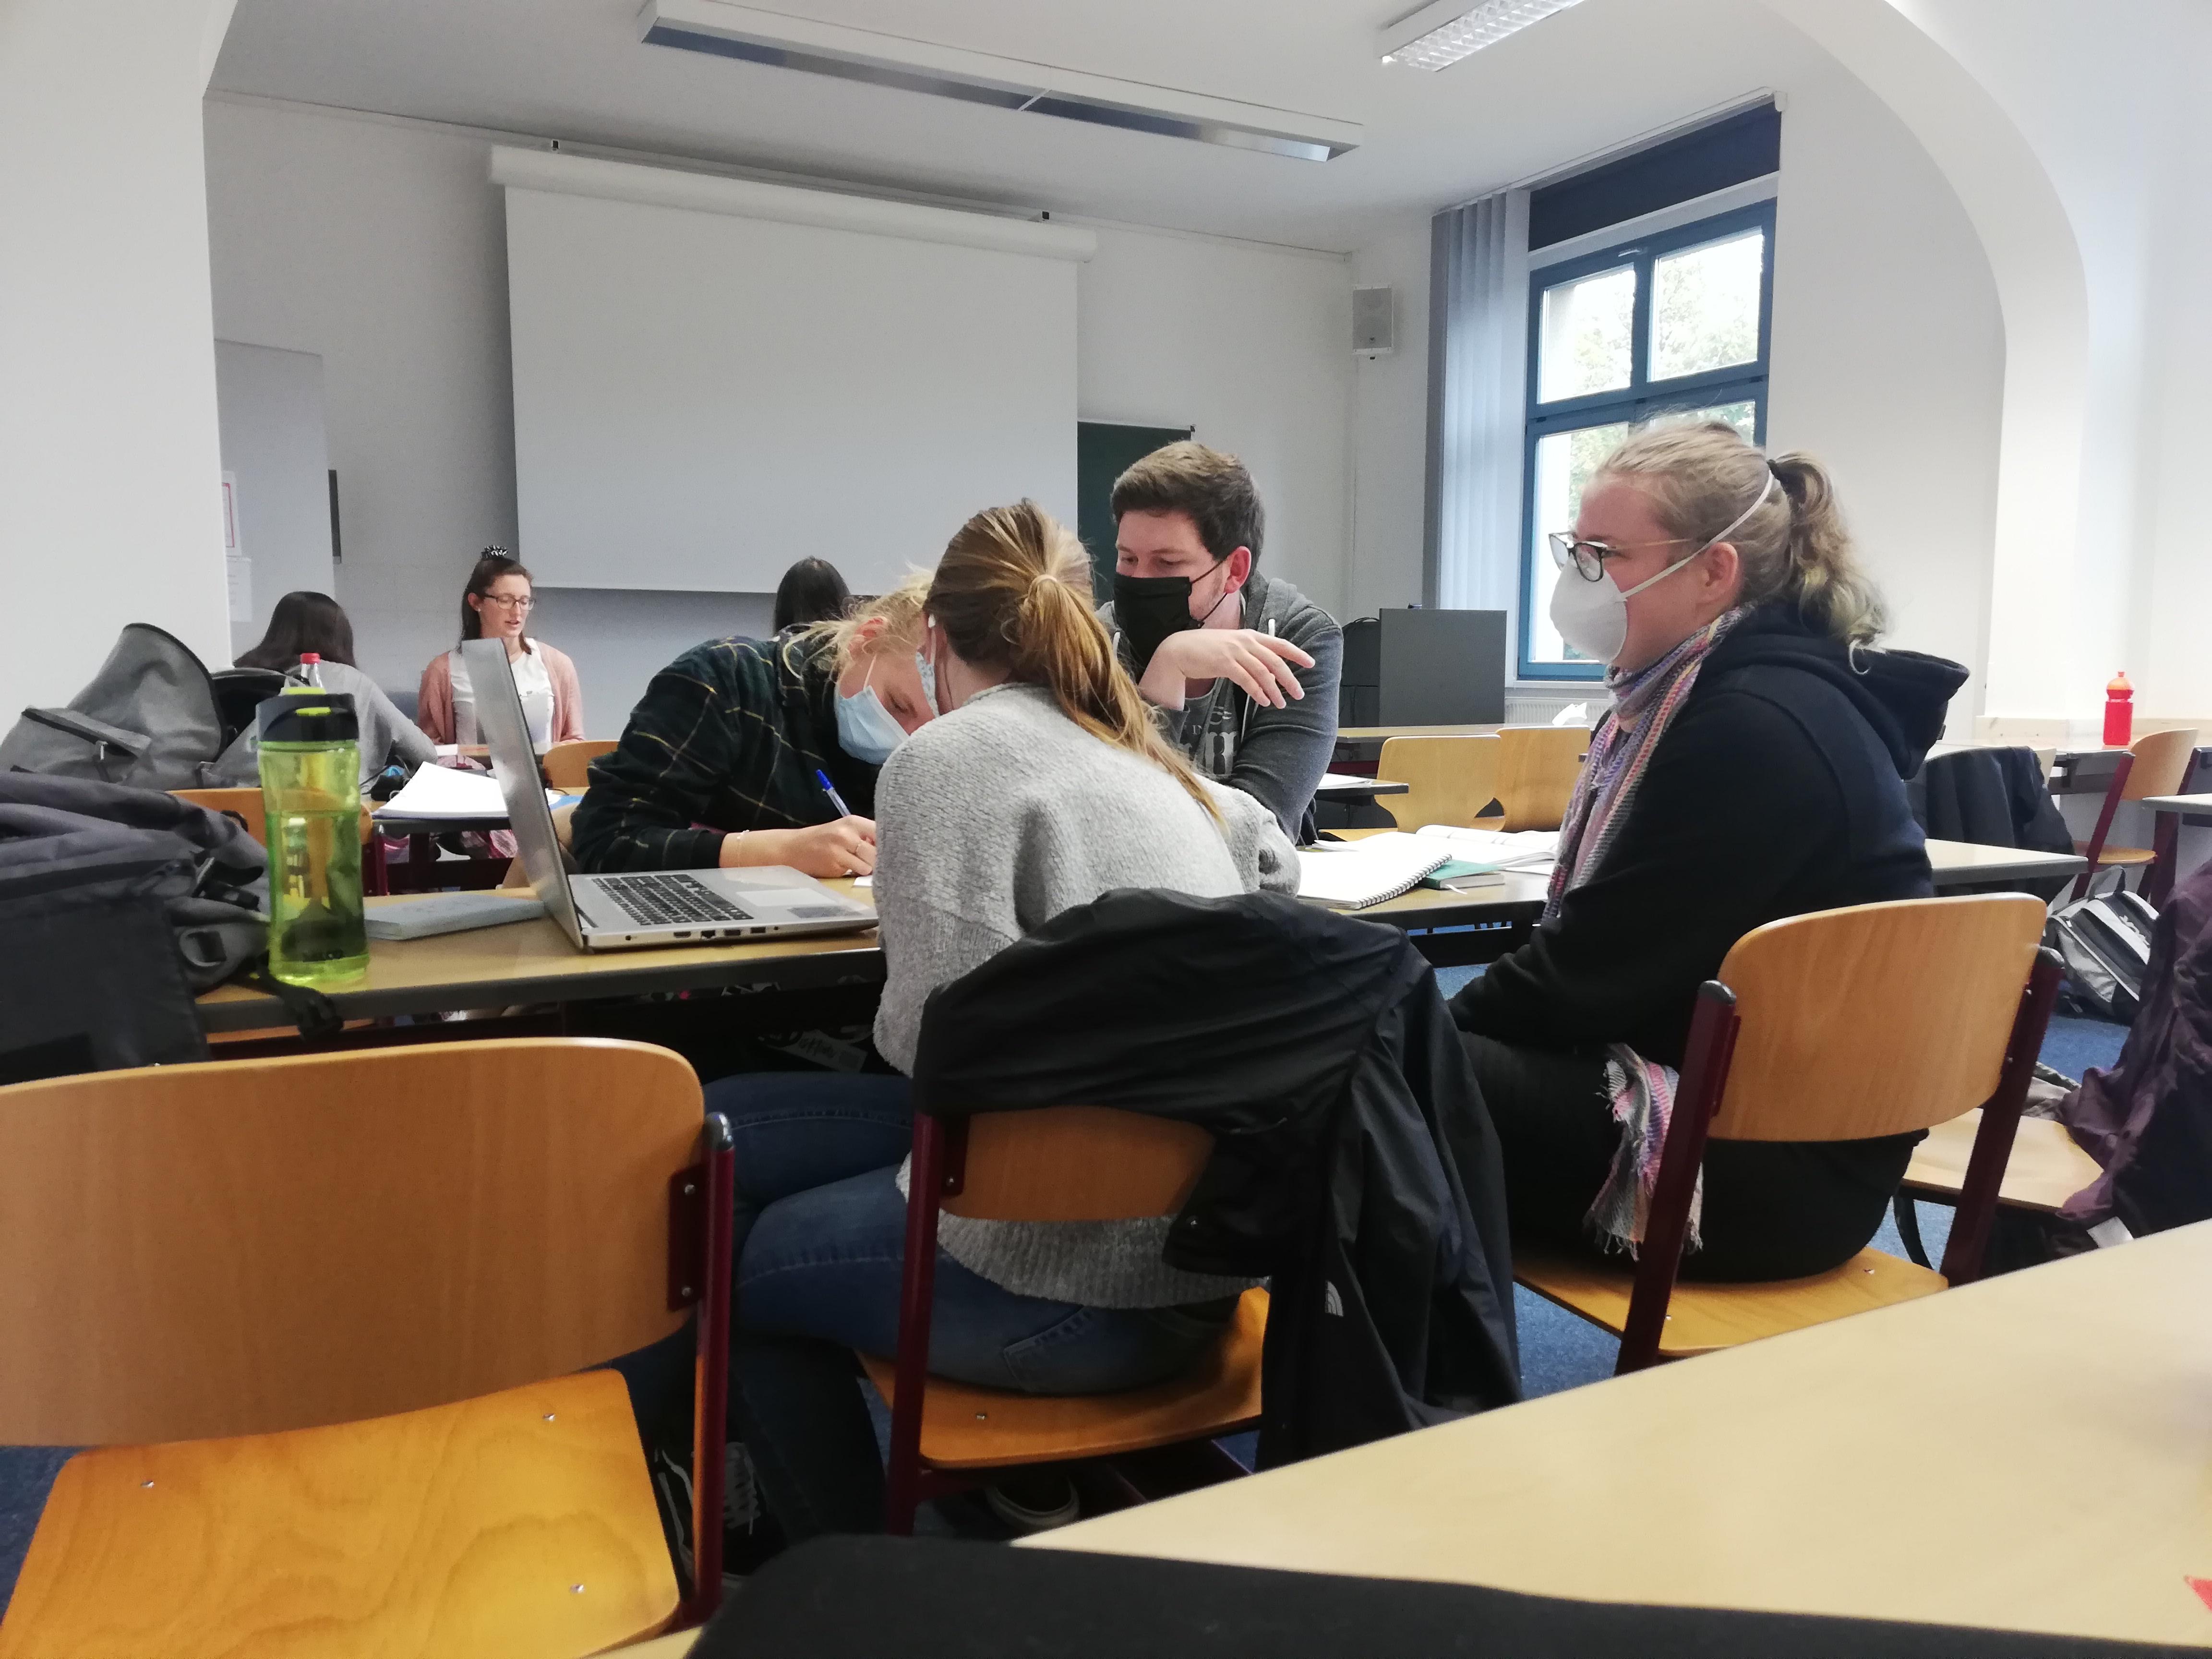 Bild von Studierenden bei der Gruppenarbeit für das Planspiel